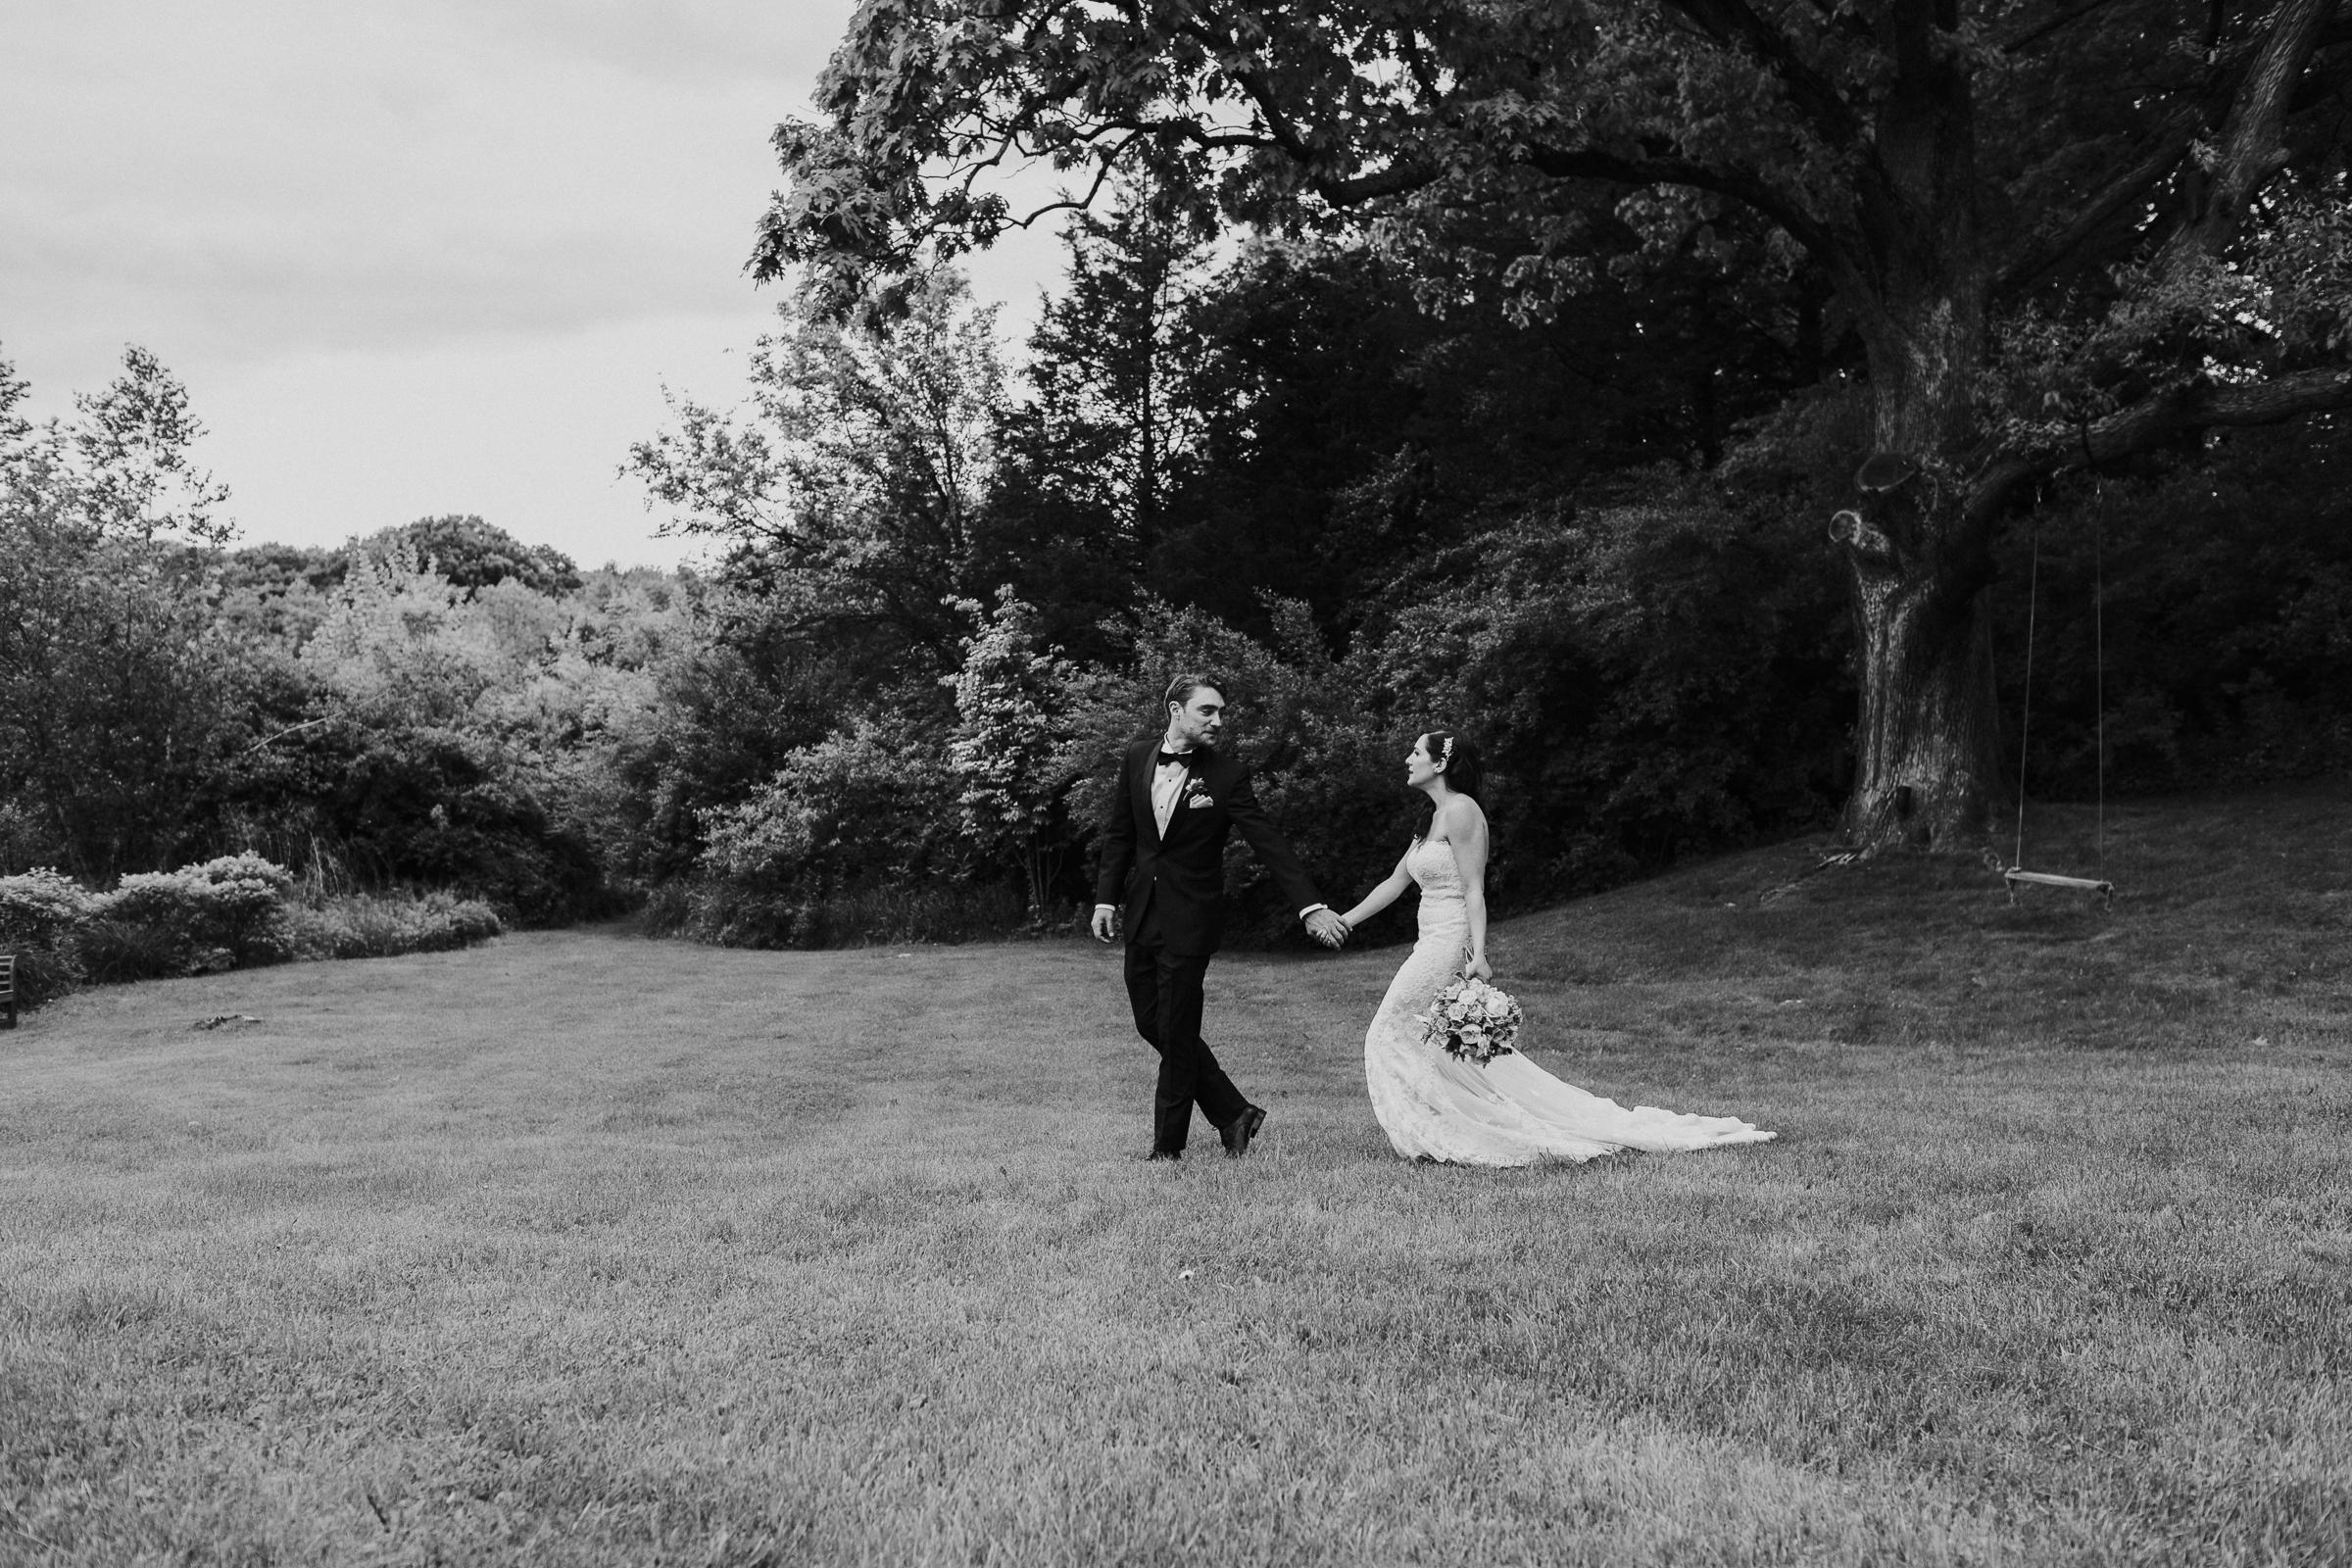 Crossed-Keys-Estate-Andover-NJ-Fine-Art-Documentary-Wedding-Photographer-59.jpg